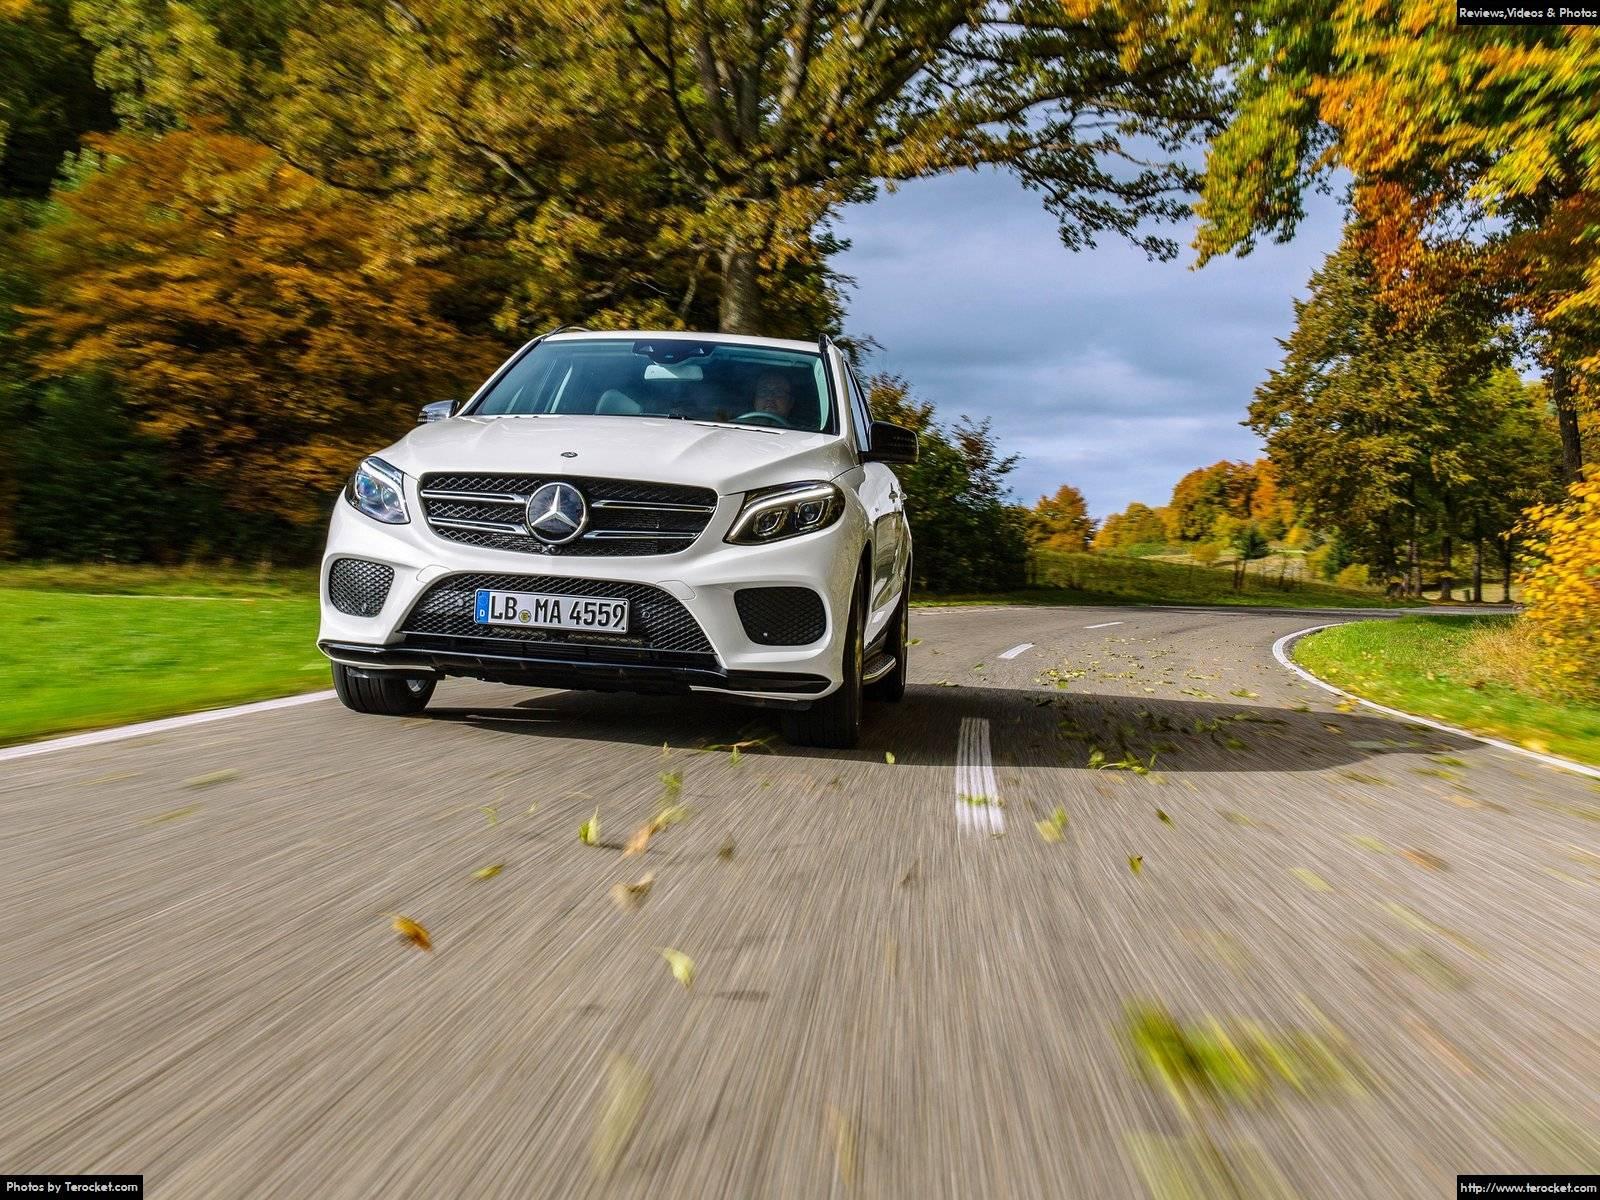 Hình ảnh xe ô tô Mercedes-Benz GLE450 AMG 4Matic 2016 & nội ngoại thất